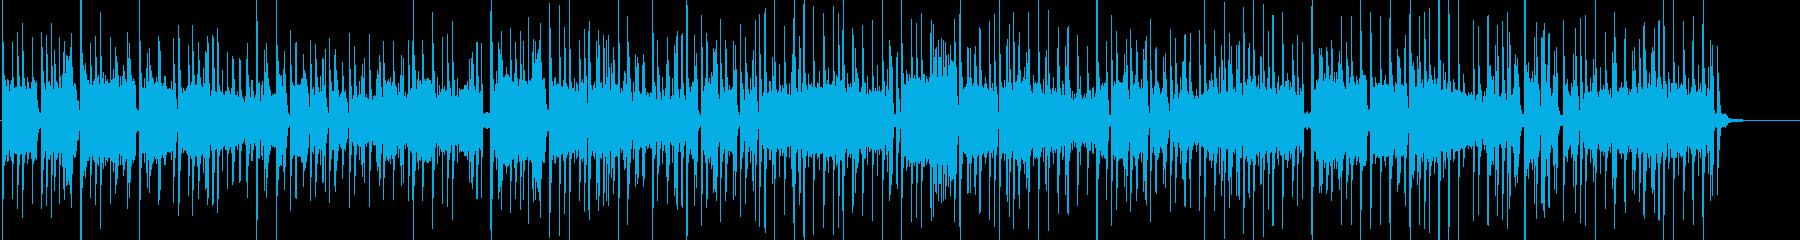 シンセ、不思議、ミステリアス系BGMの再生済みの波形